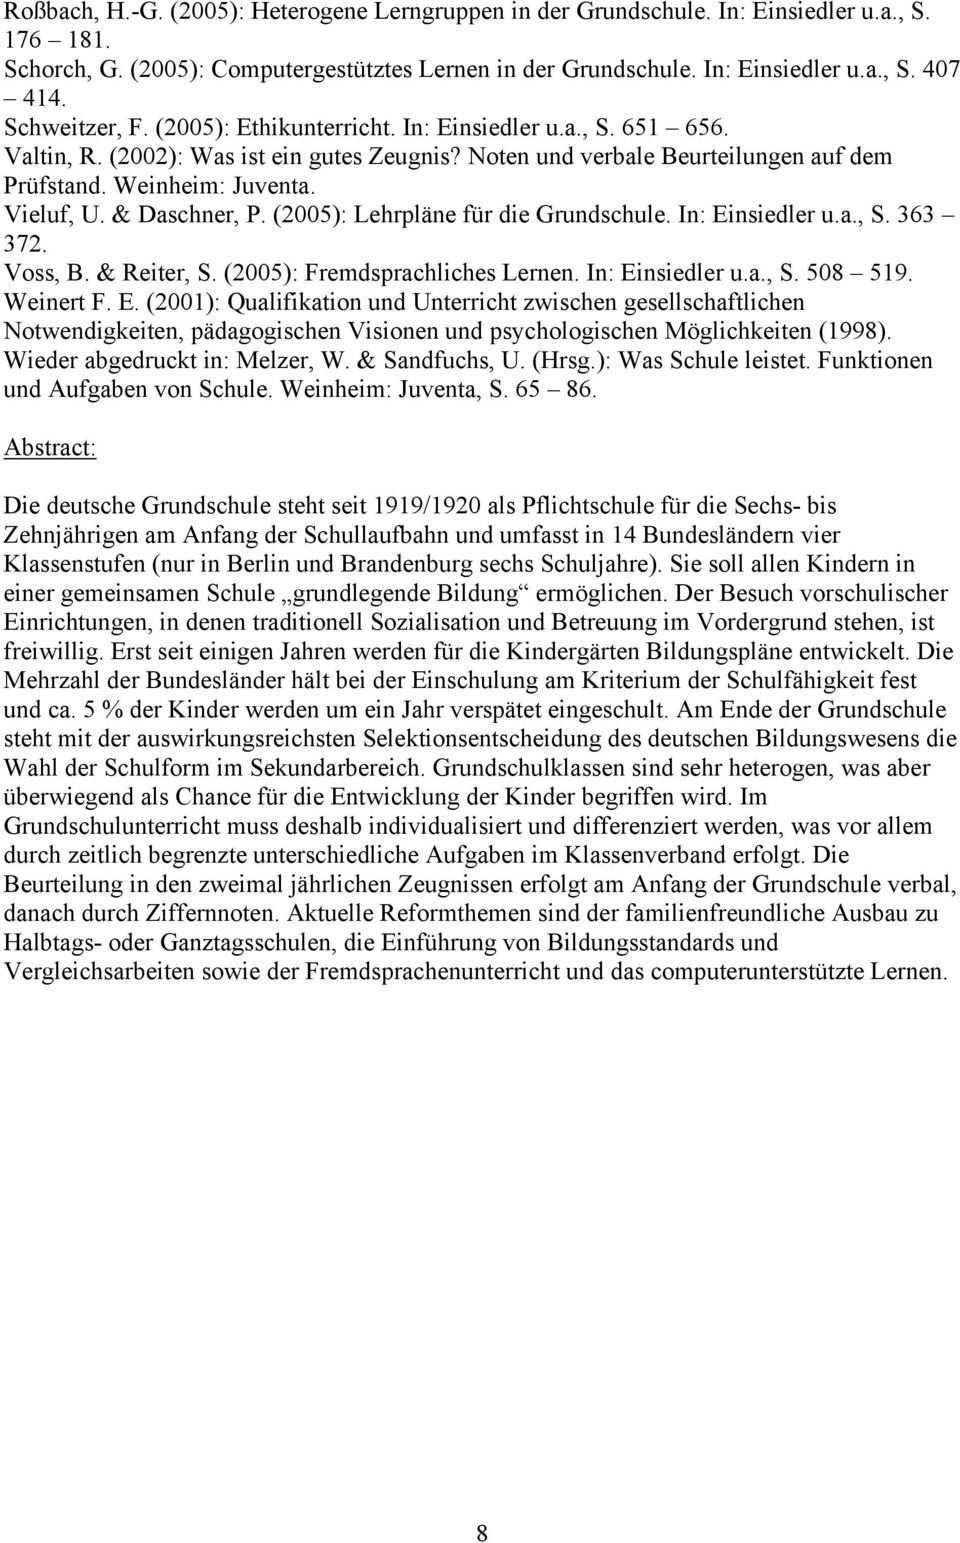 Gabriele Faust Die Grundschule In Deutschland Pdf Kostenfreier Download